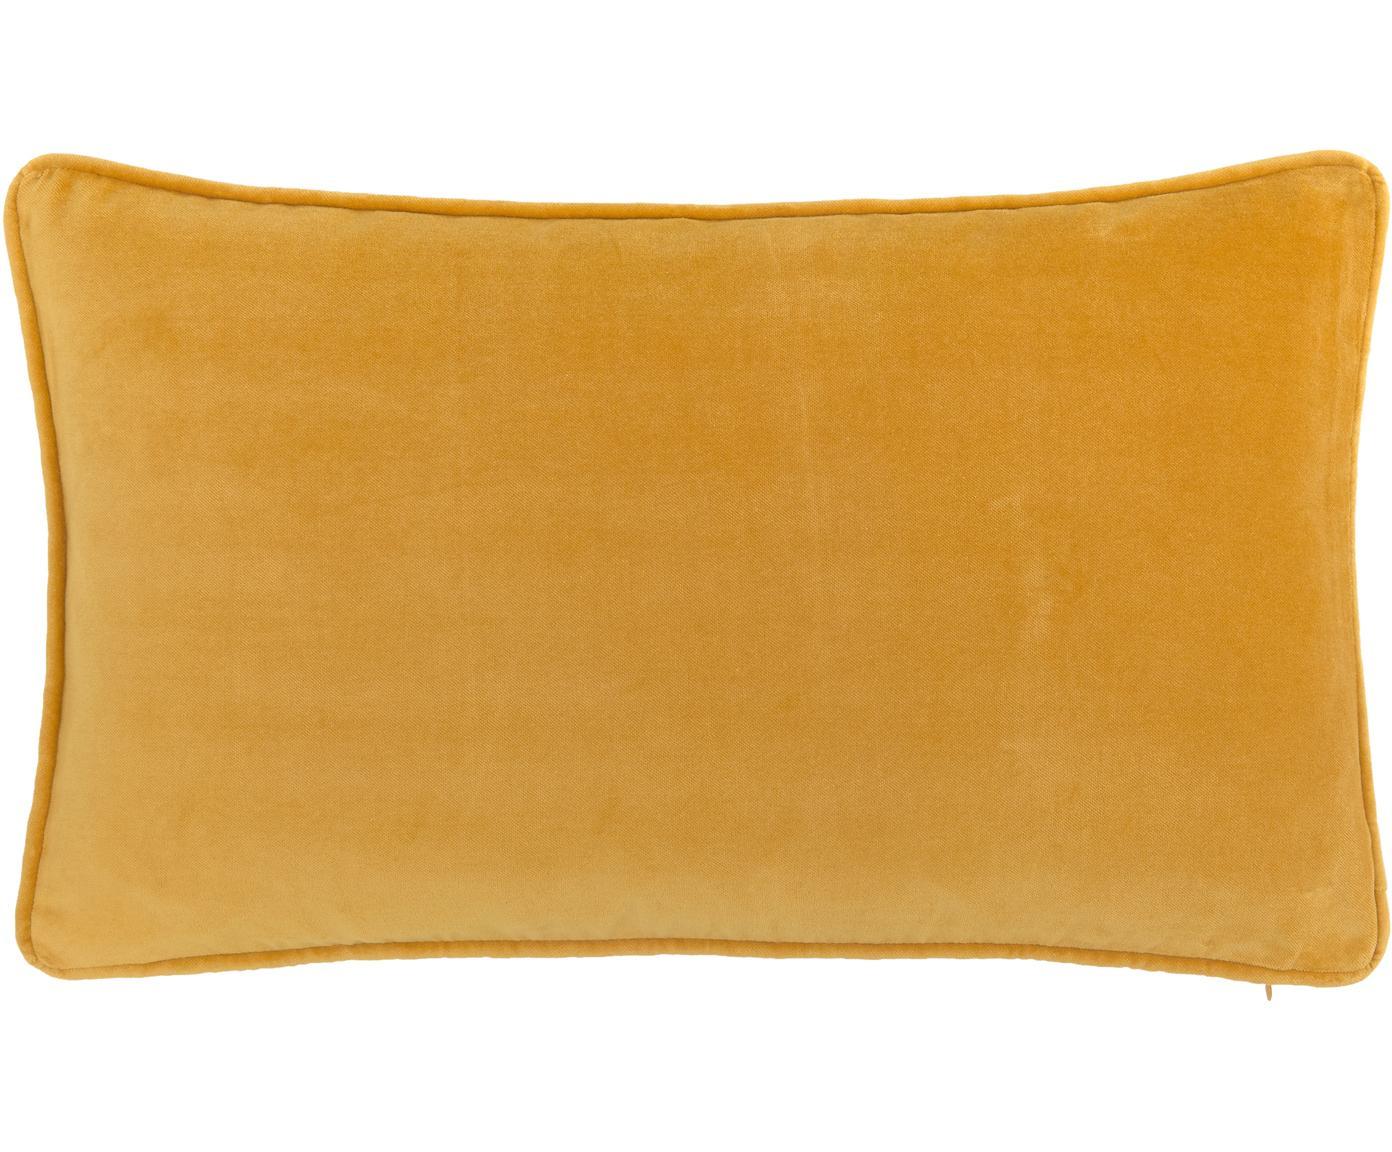 Effen fluwelen kussenhoes Dana in okergeel, Katoenfluweel, Okergeel, 30 x 50 cm